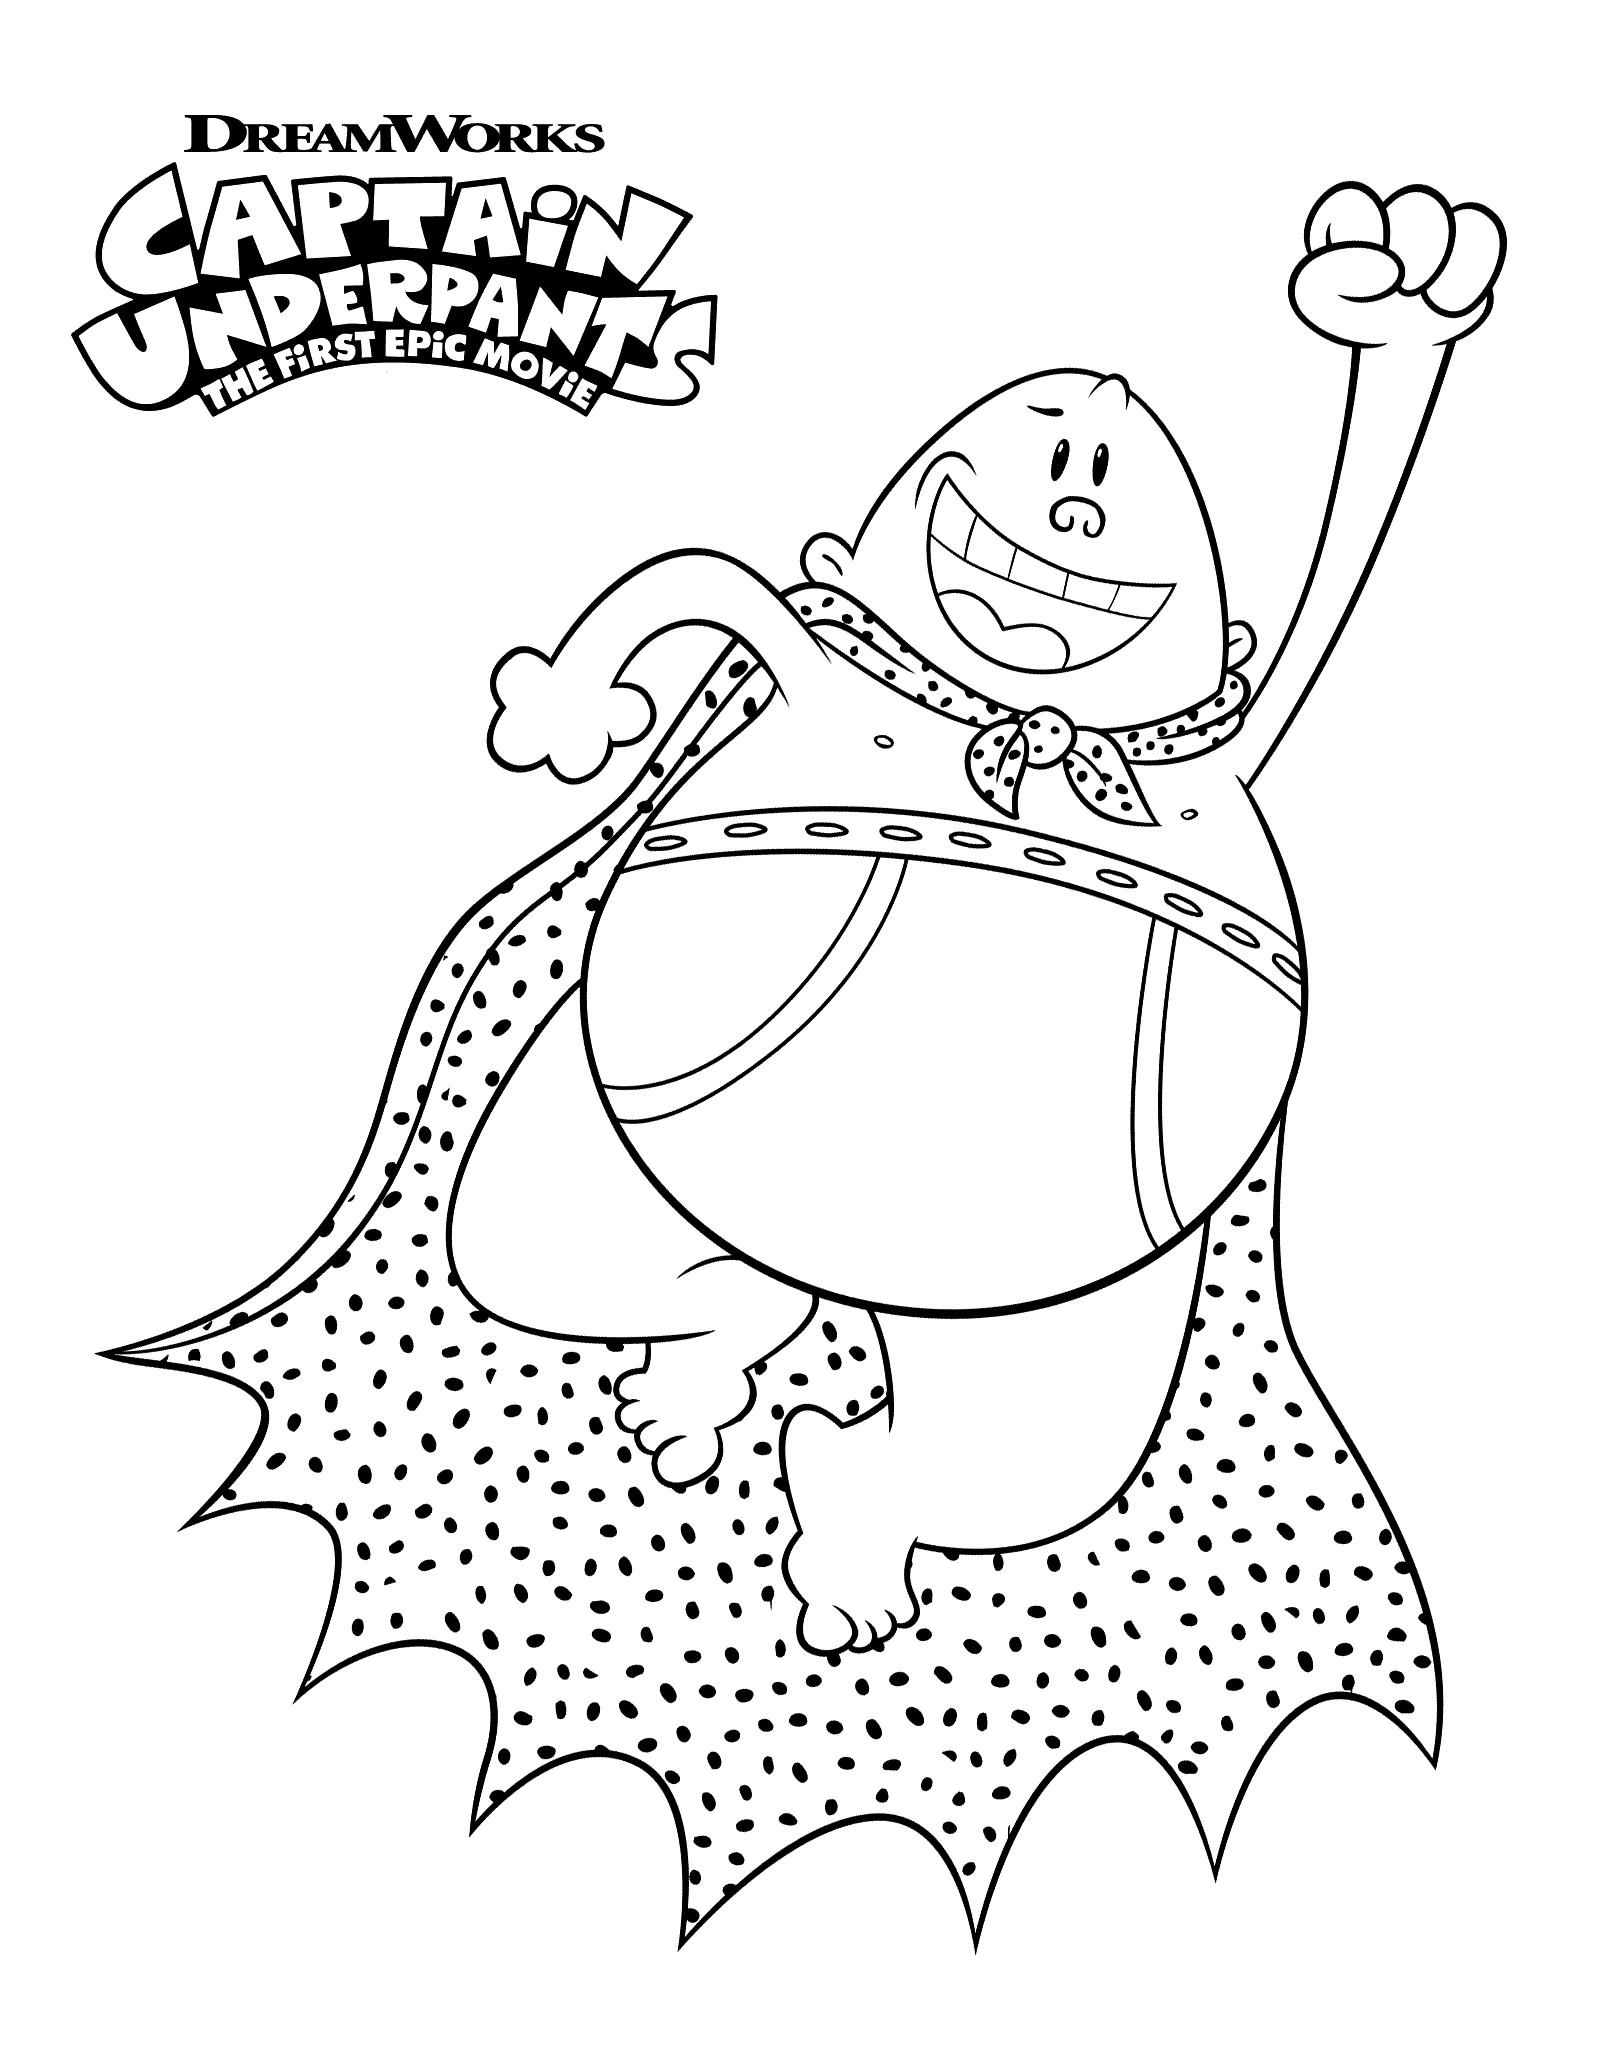 1600x2048 Luxury Captain Underpants Coloring Pages Advance